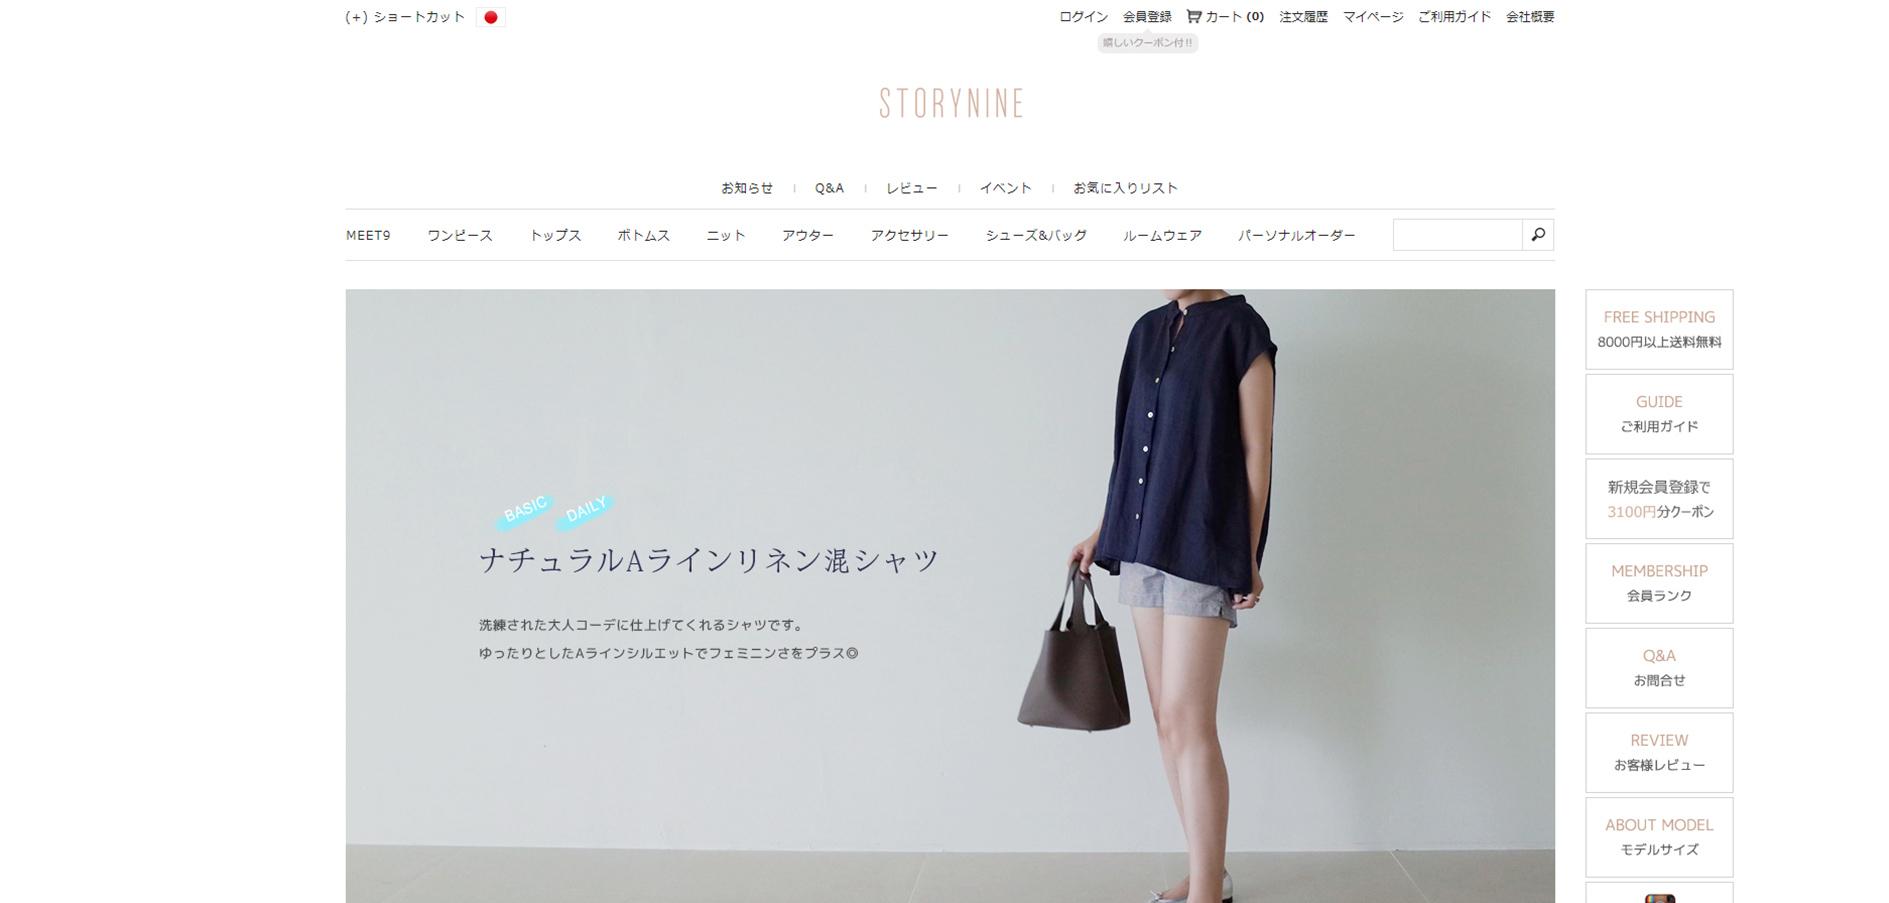 20代におすすめな韓国ファッション通販サイトのZEMMAWORLD(ジェマワールド)